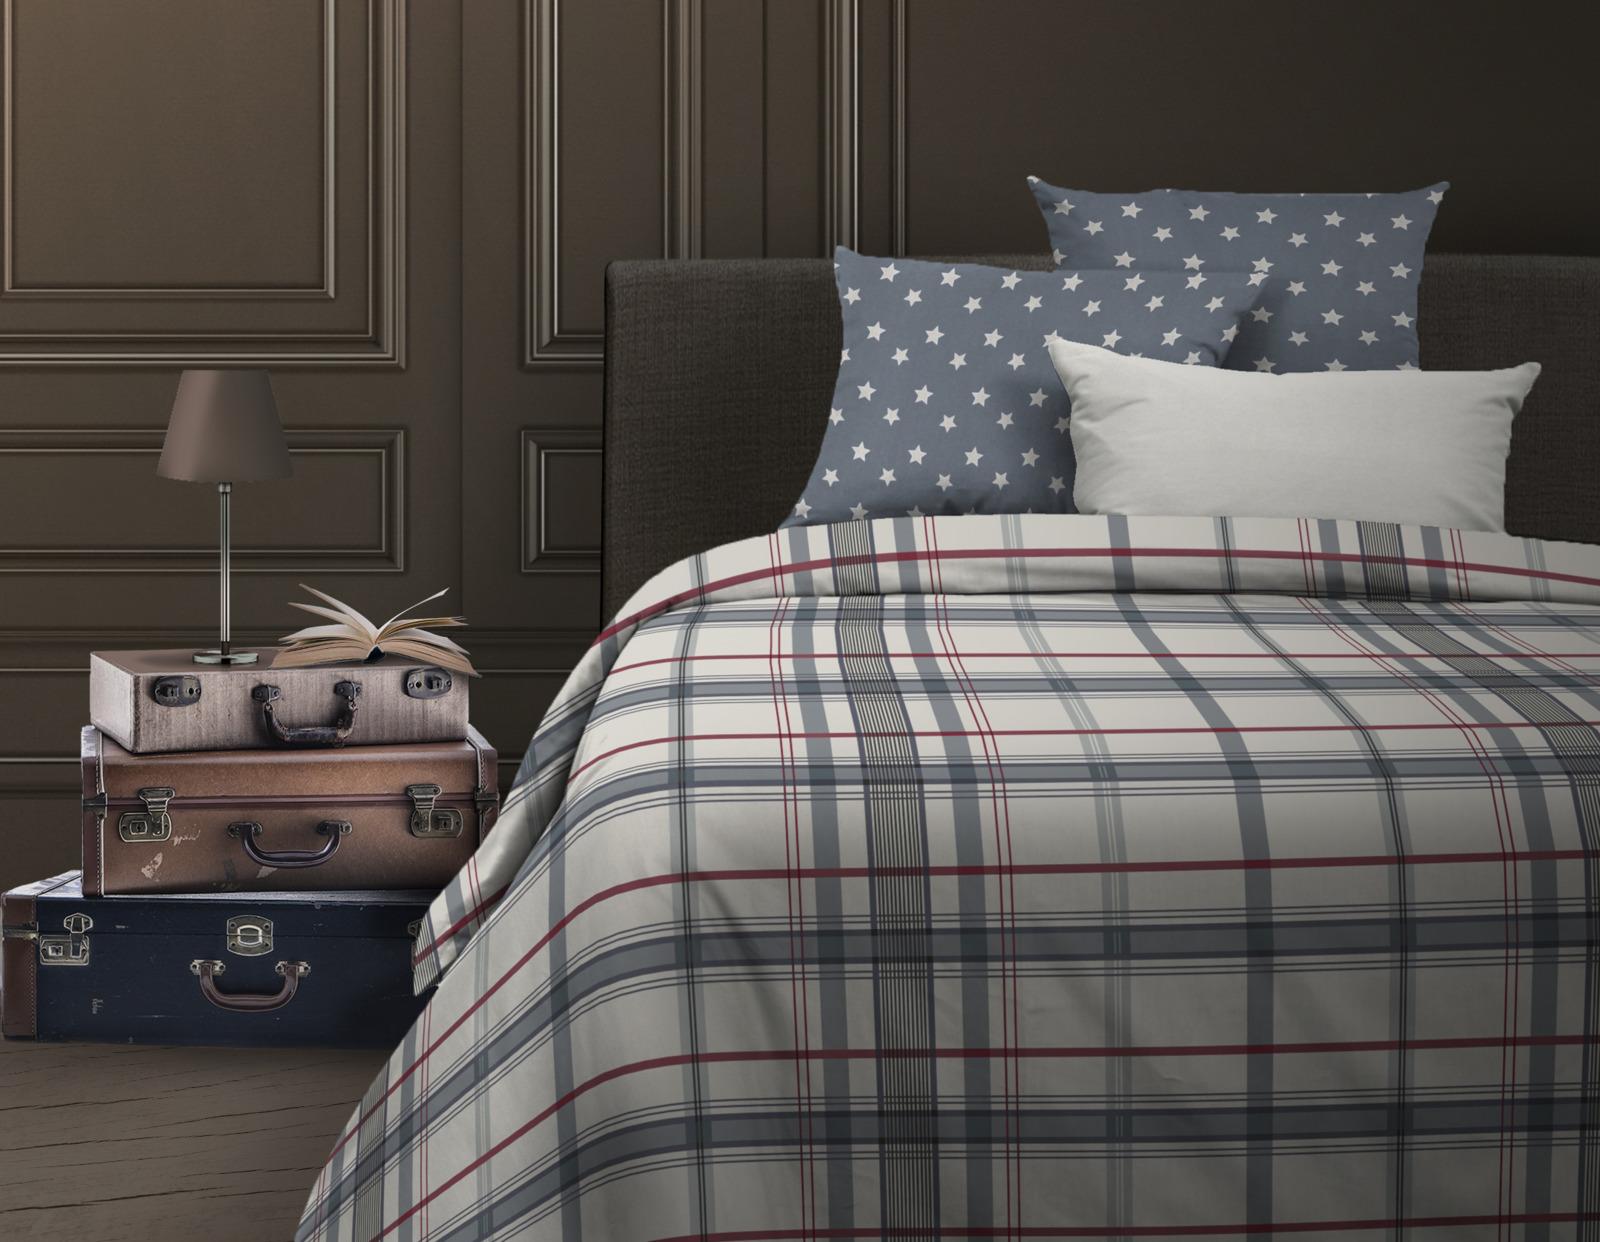 Комплект белья Wenge Bandstar, 513381, 2-спальный, наволочки 70х70